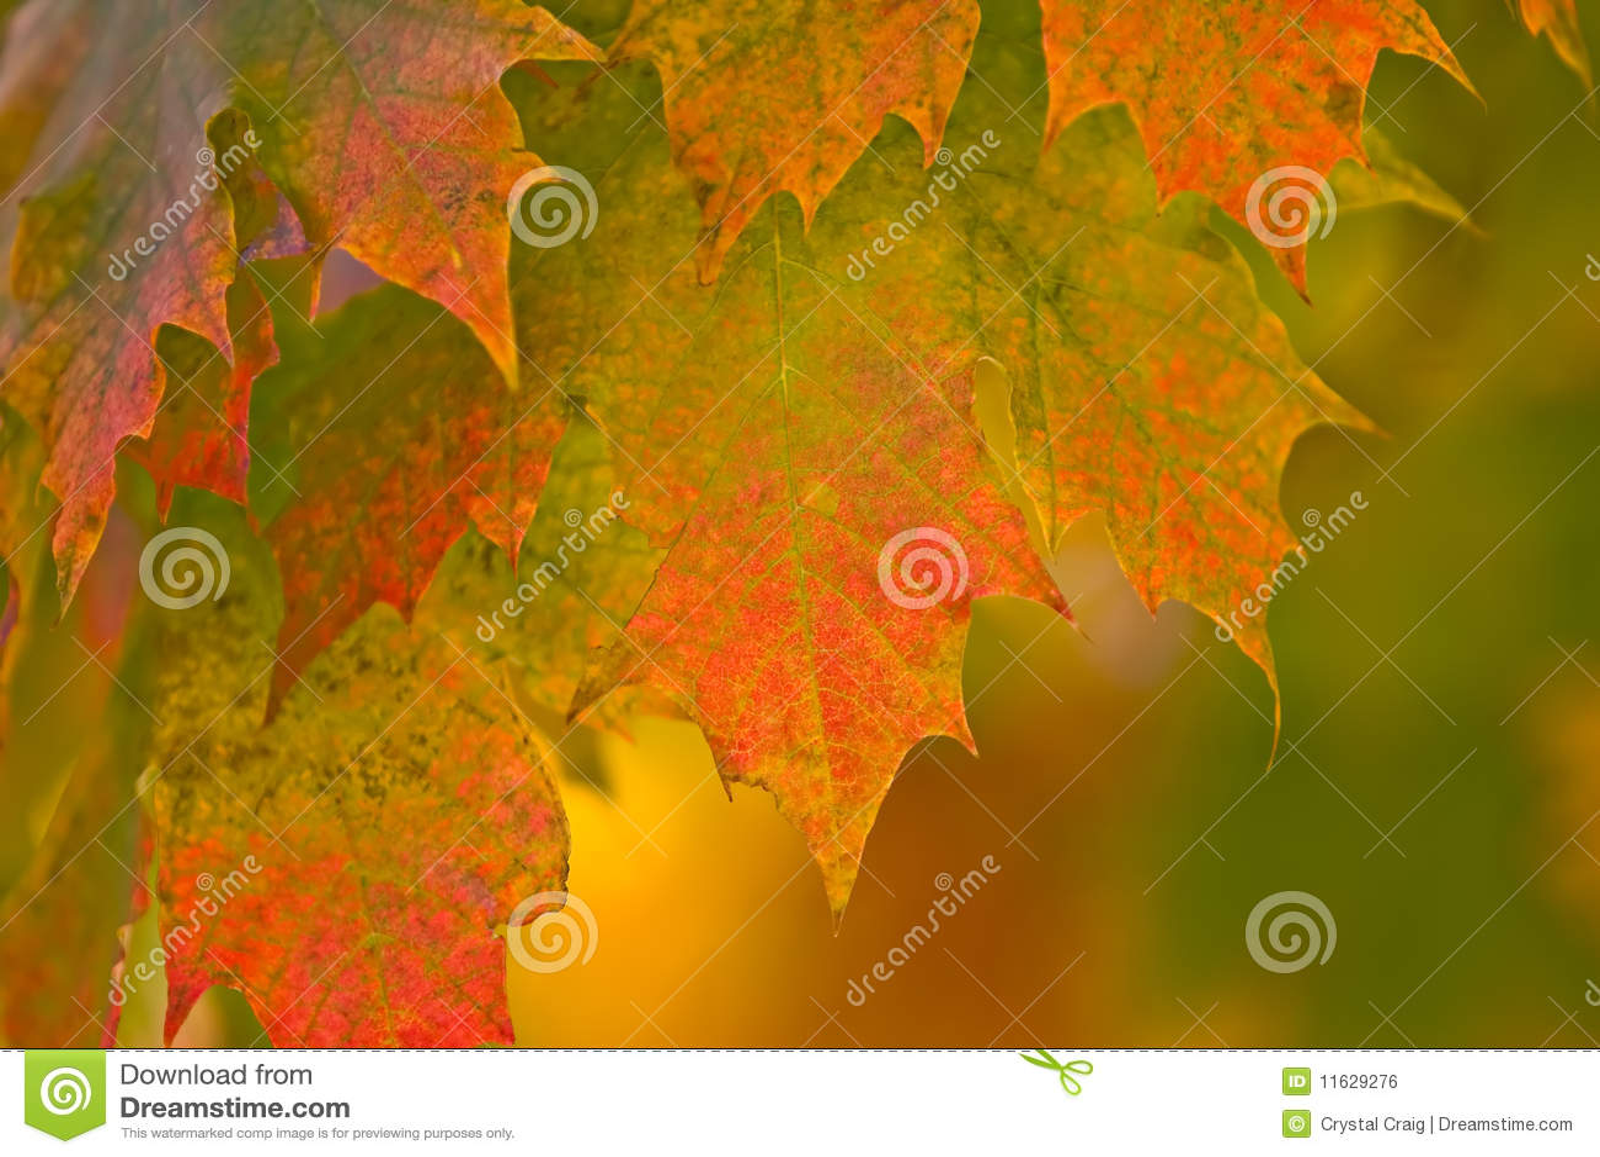 Herbst-Fall-Blätter